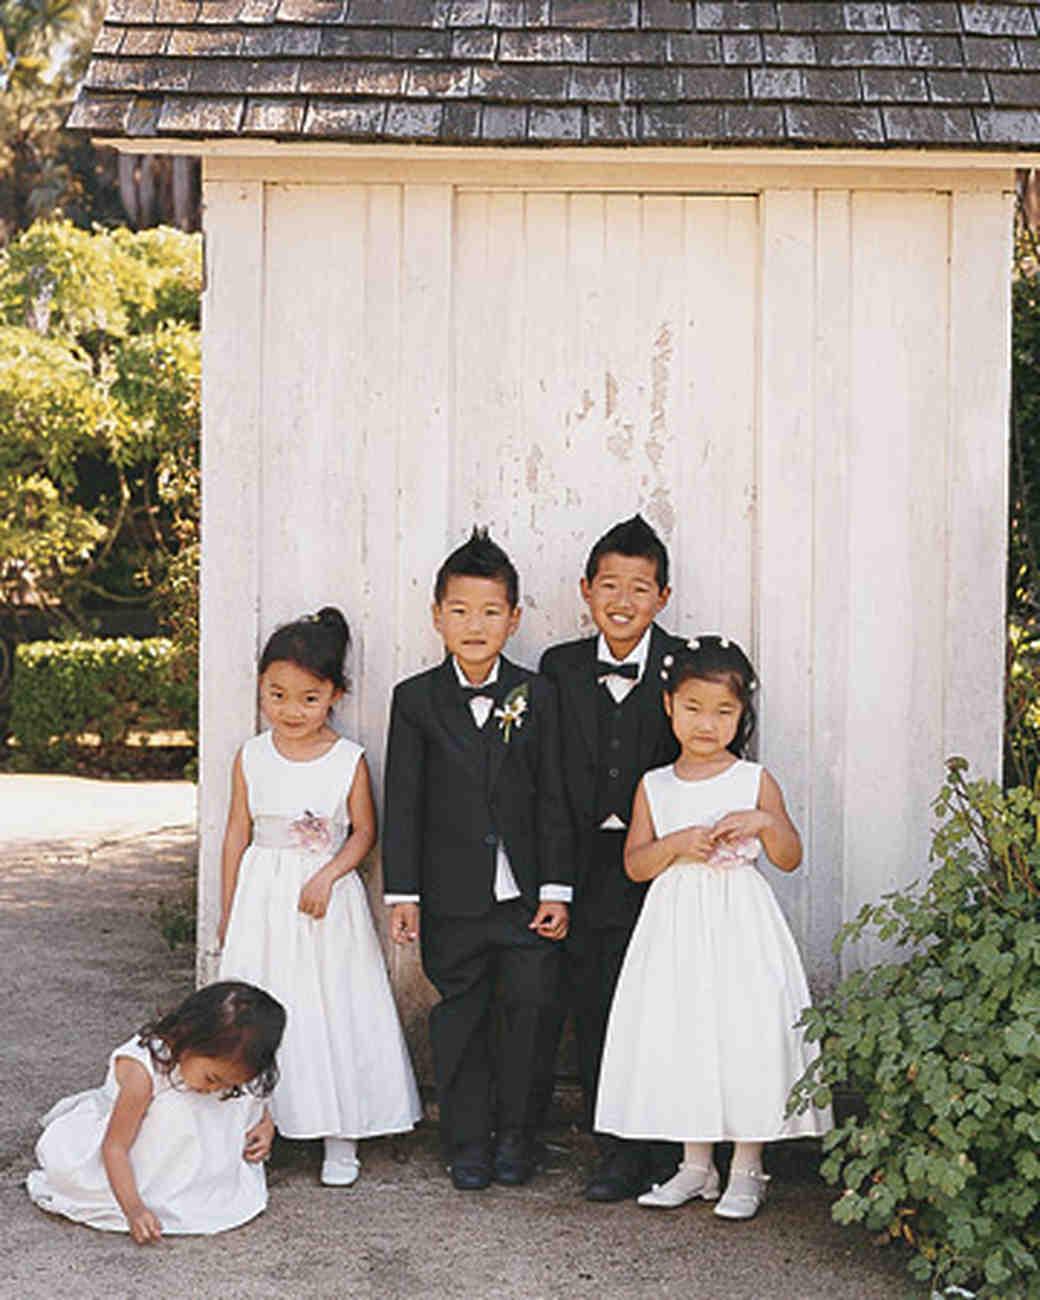 mwa102306_fal06_kids_garden.jpg